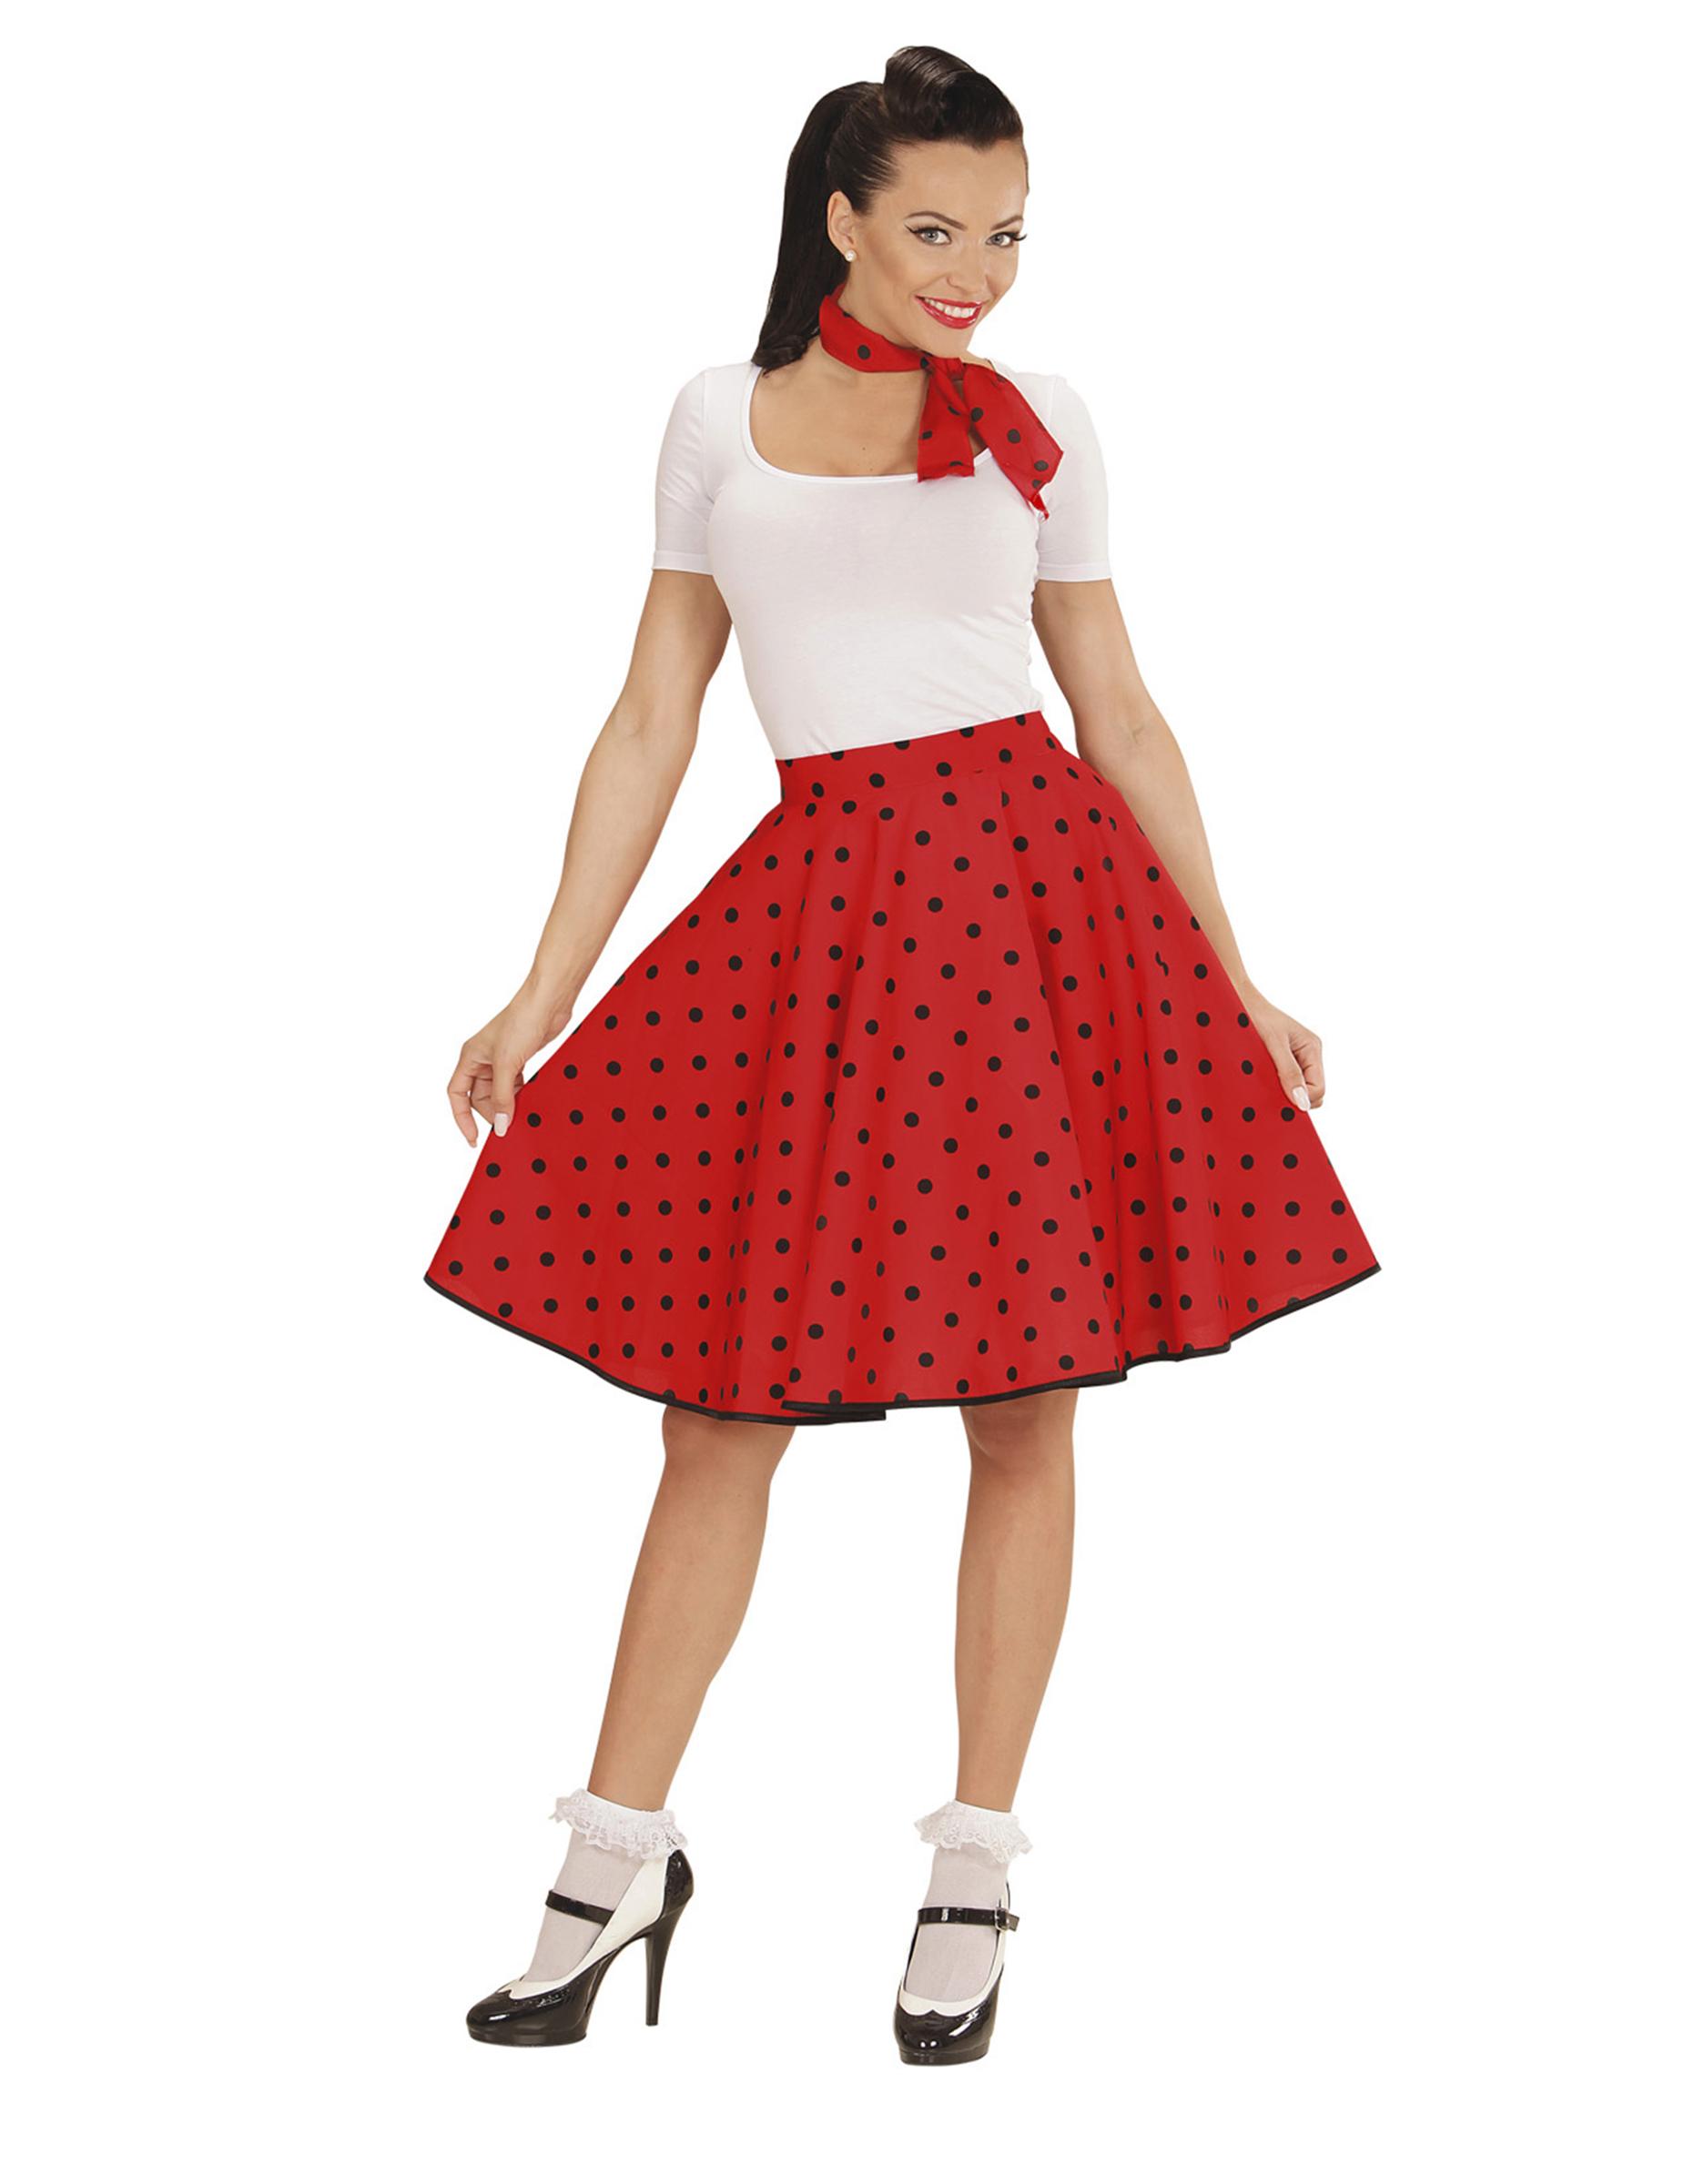 jupe et foulard rouge pois ann es 50 femme deguise toi achat de d guisements adultes. Black Bedroom Furniture Sets. Home Design Ideas